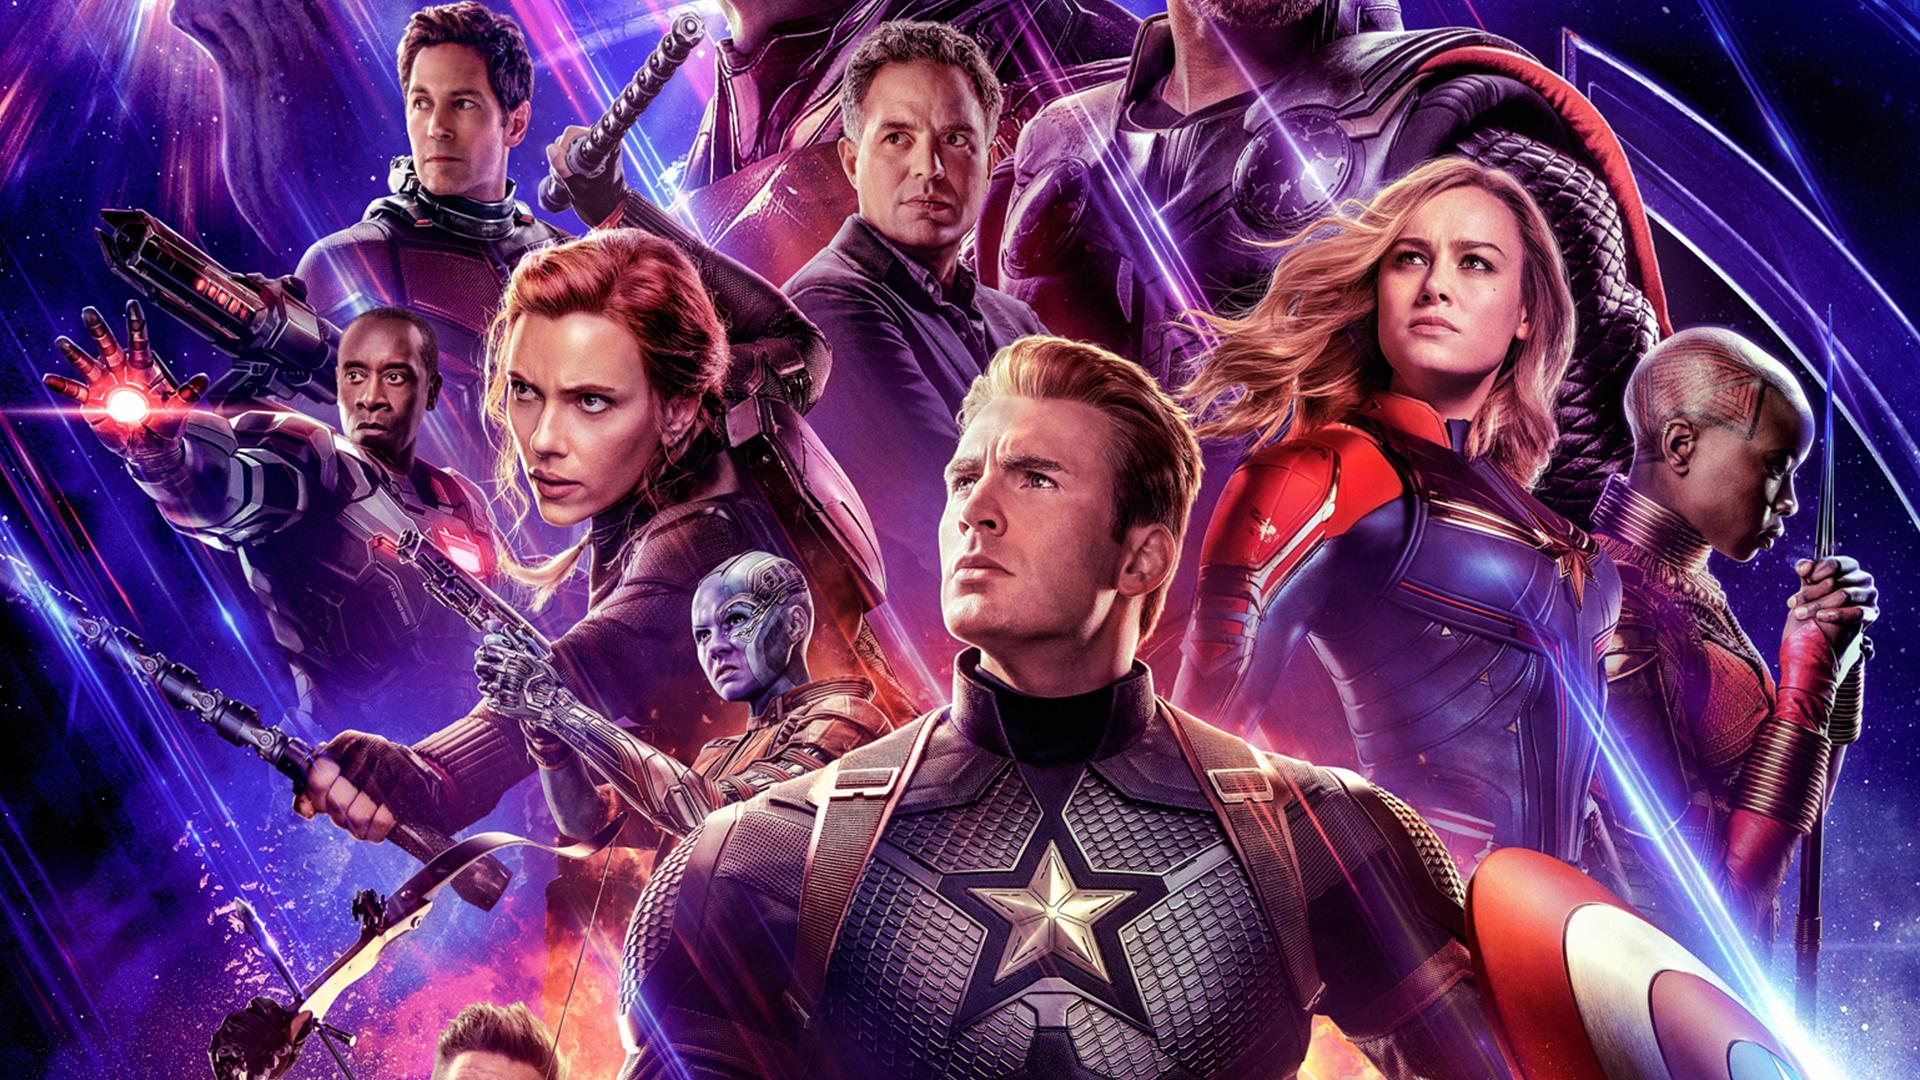 360df41c1 AMC is screening all 22 Marvel movies in 59-hour marathon